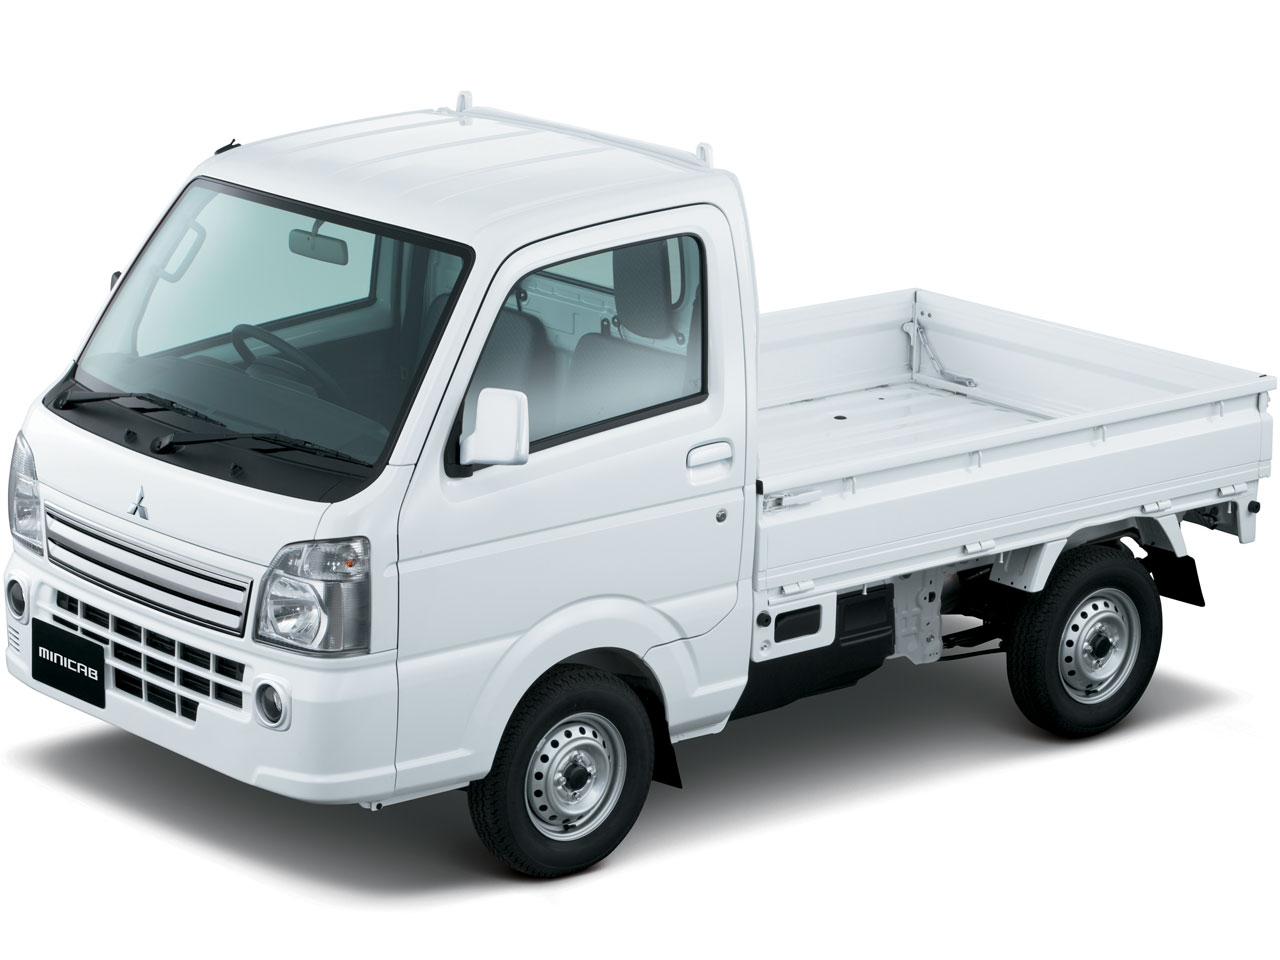 三菱 ミニキャブ トラック 2014年モデル 新車画像